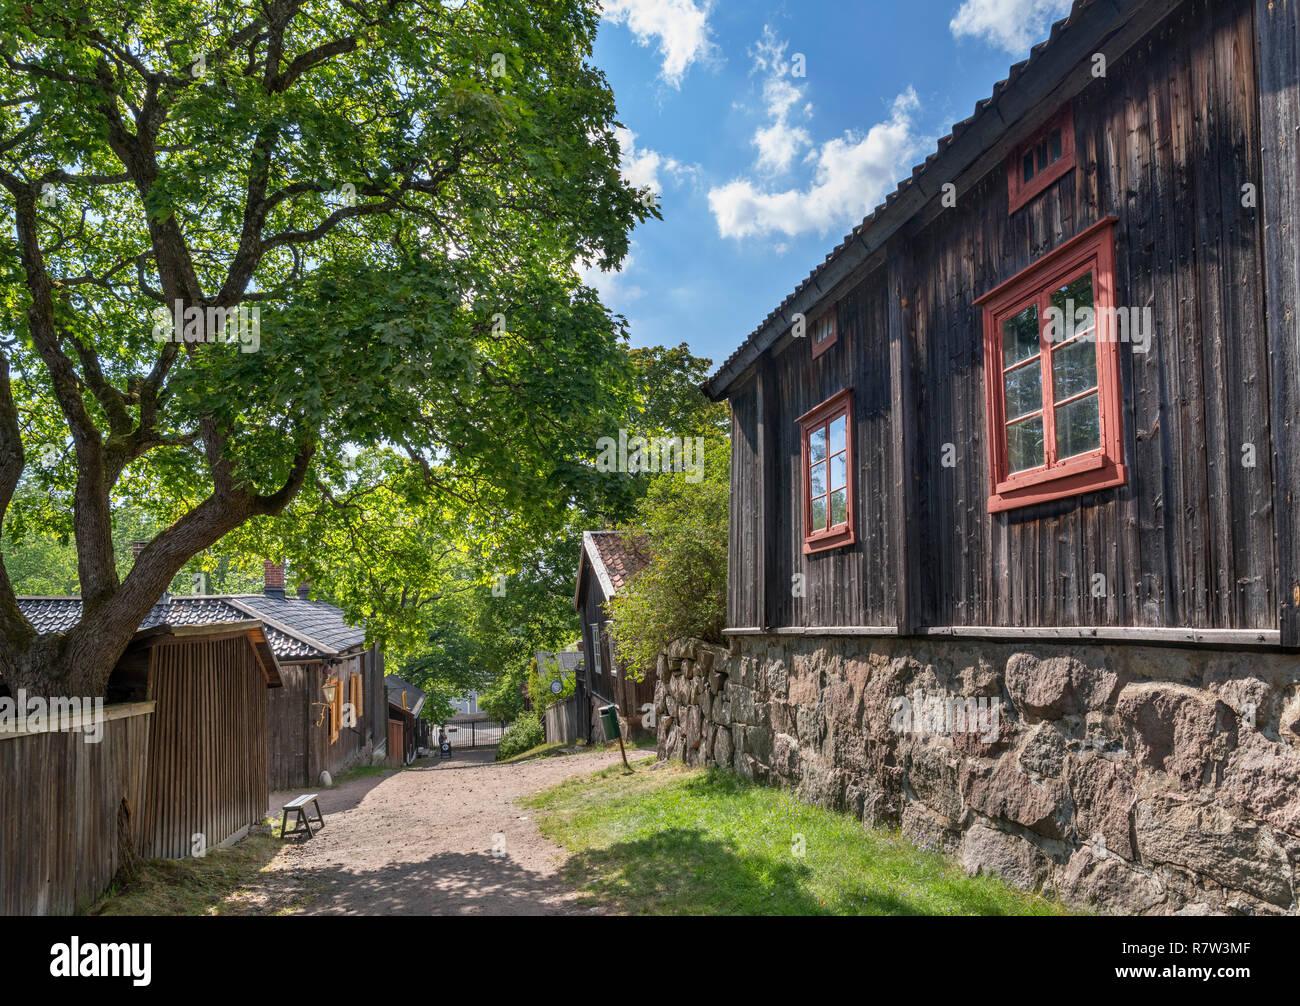 Musée d'artisanat Luostarinmäki, une zone de bâtiments en bois vieux de 200 ans qui a survécu à l'incendie de 1827, Turku, Finlande Photo Stock